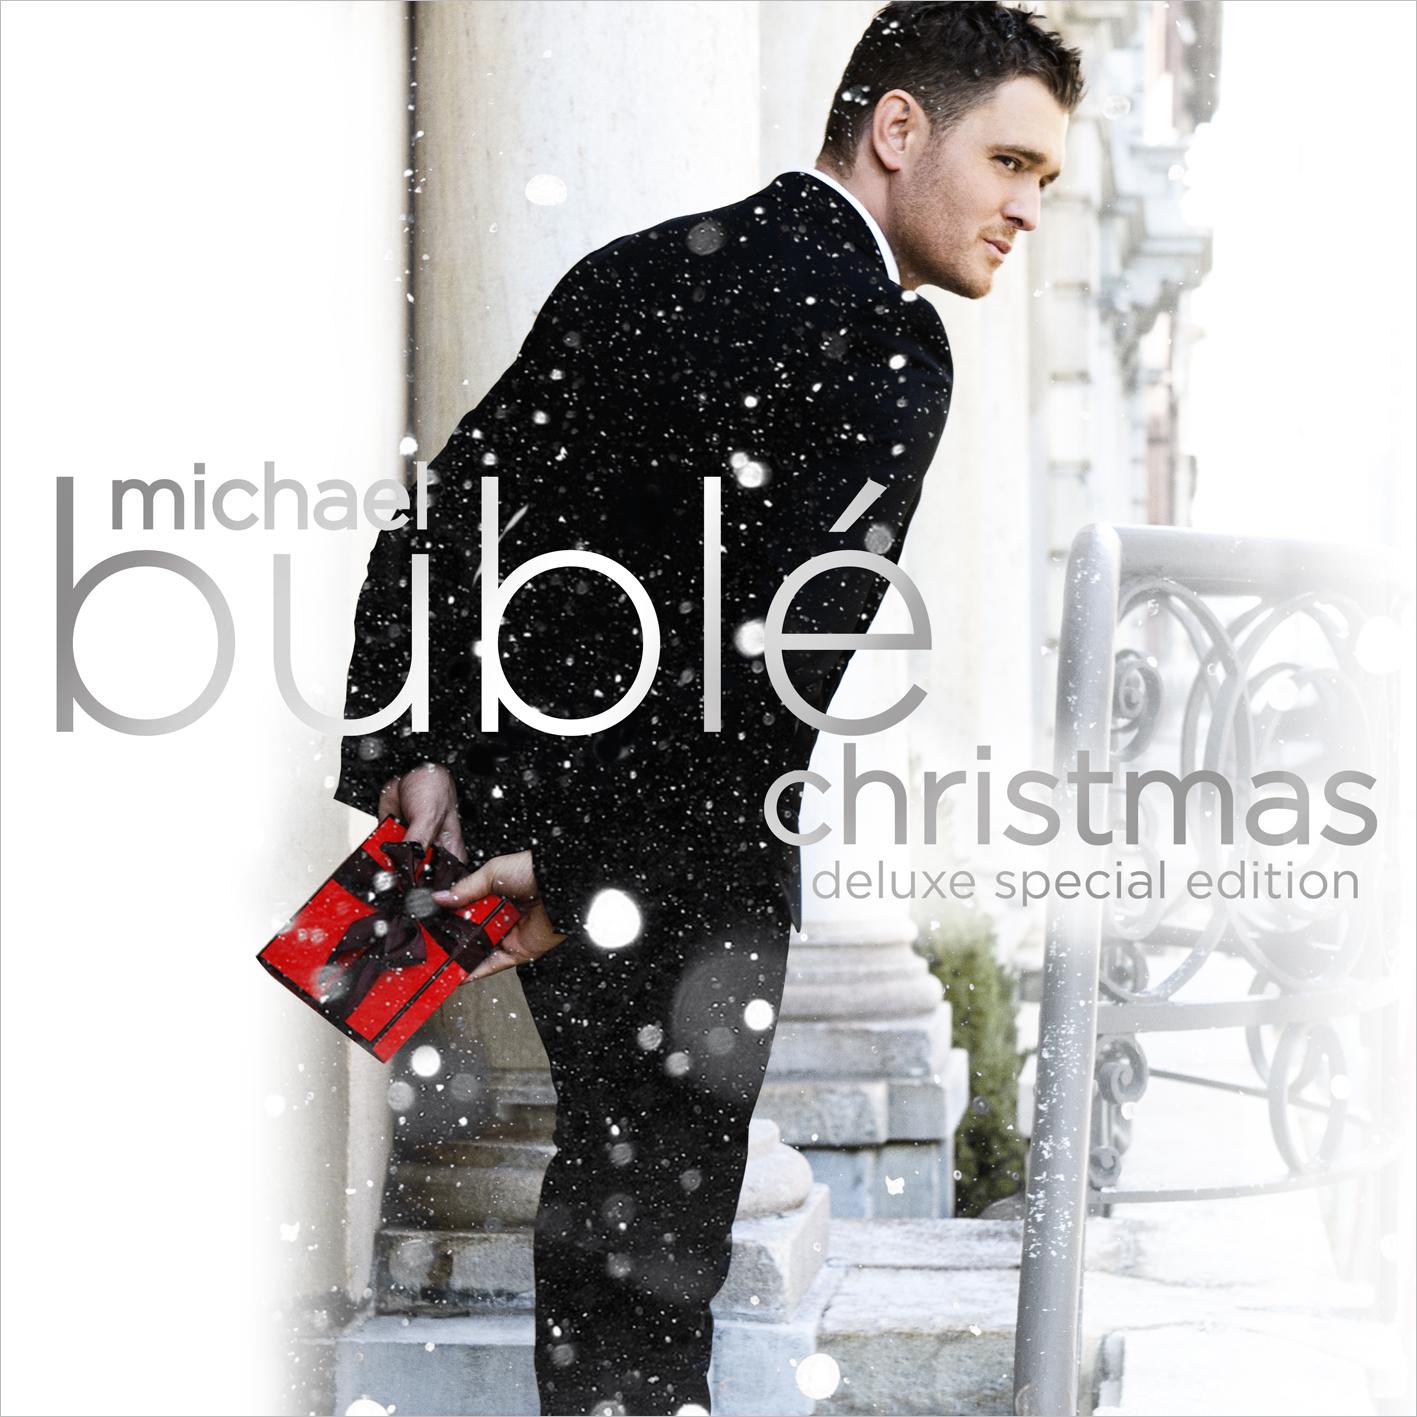 Risultato immagine per michael buble christmas